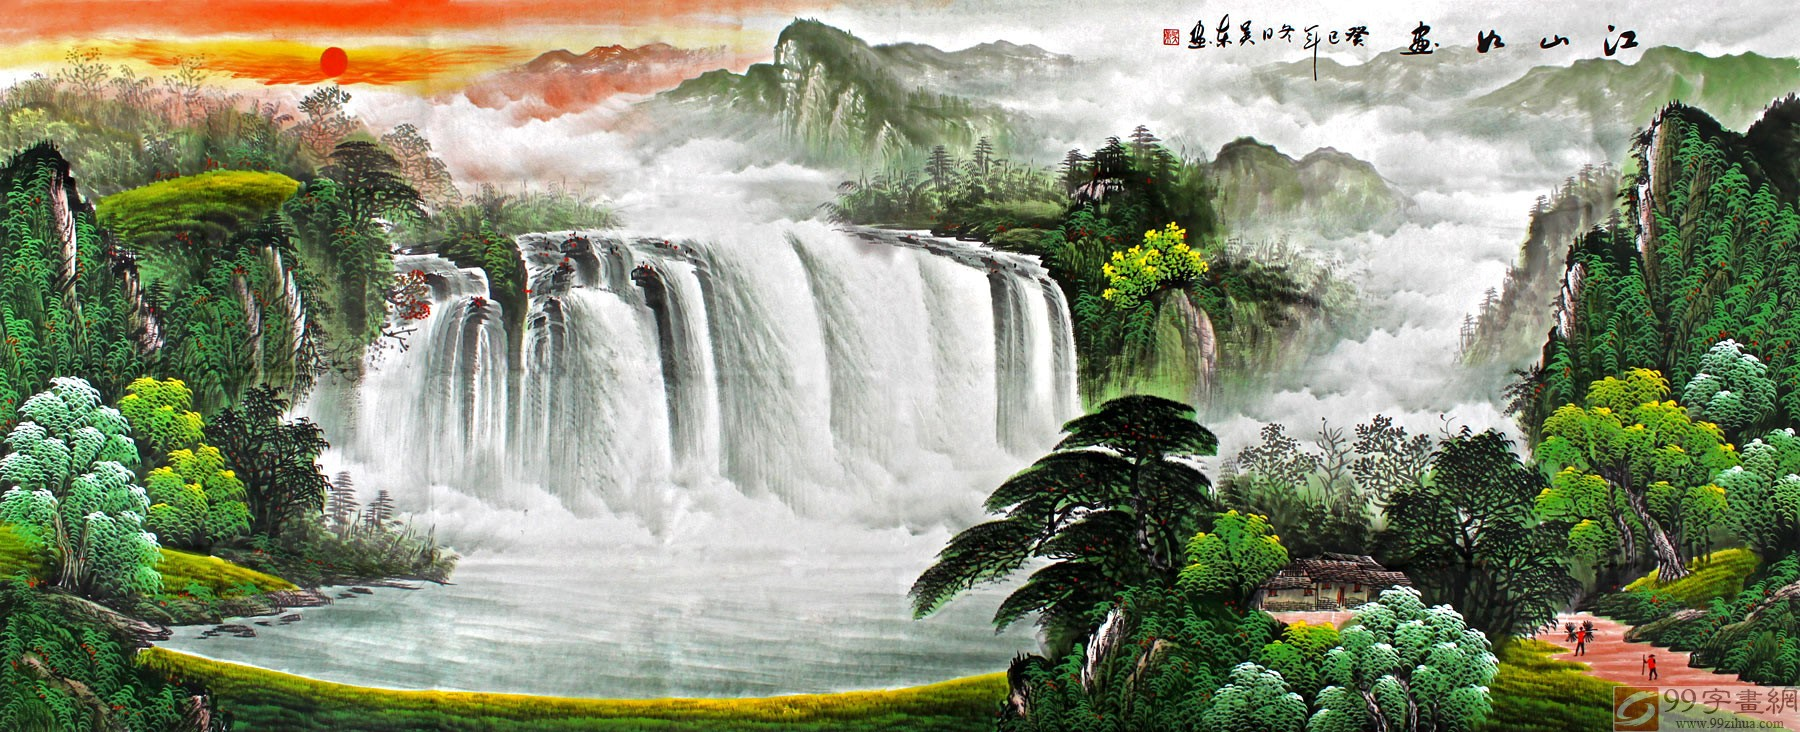 东小八尺聚宝盆风水画 江山如画图片